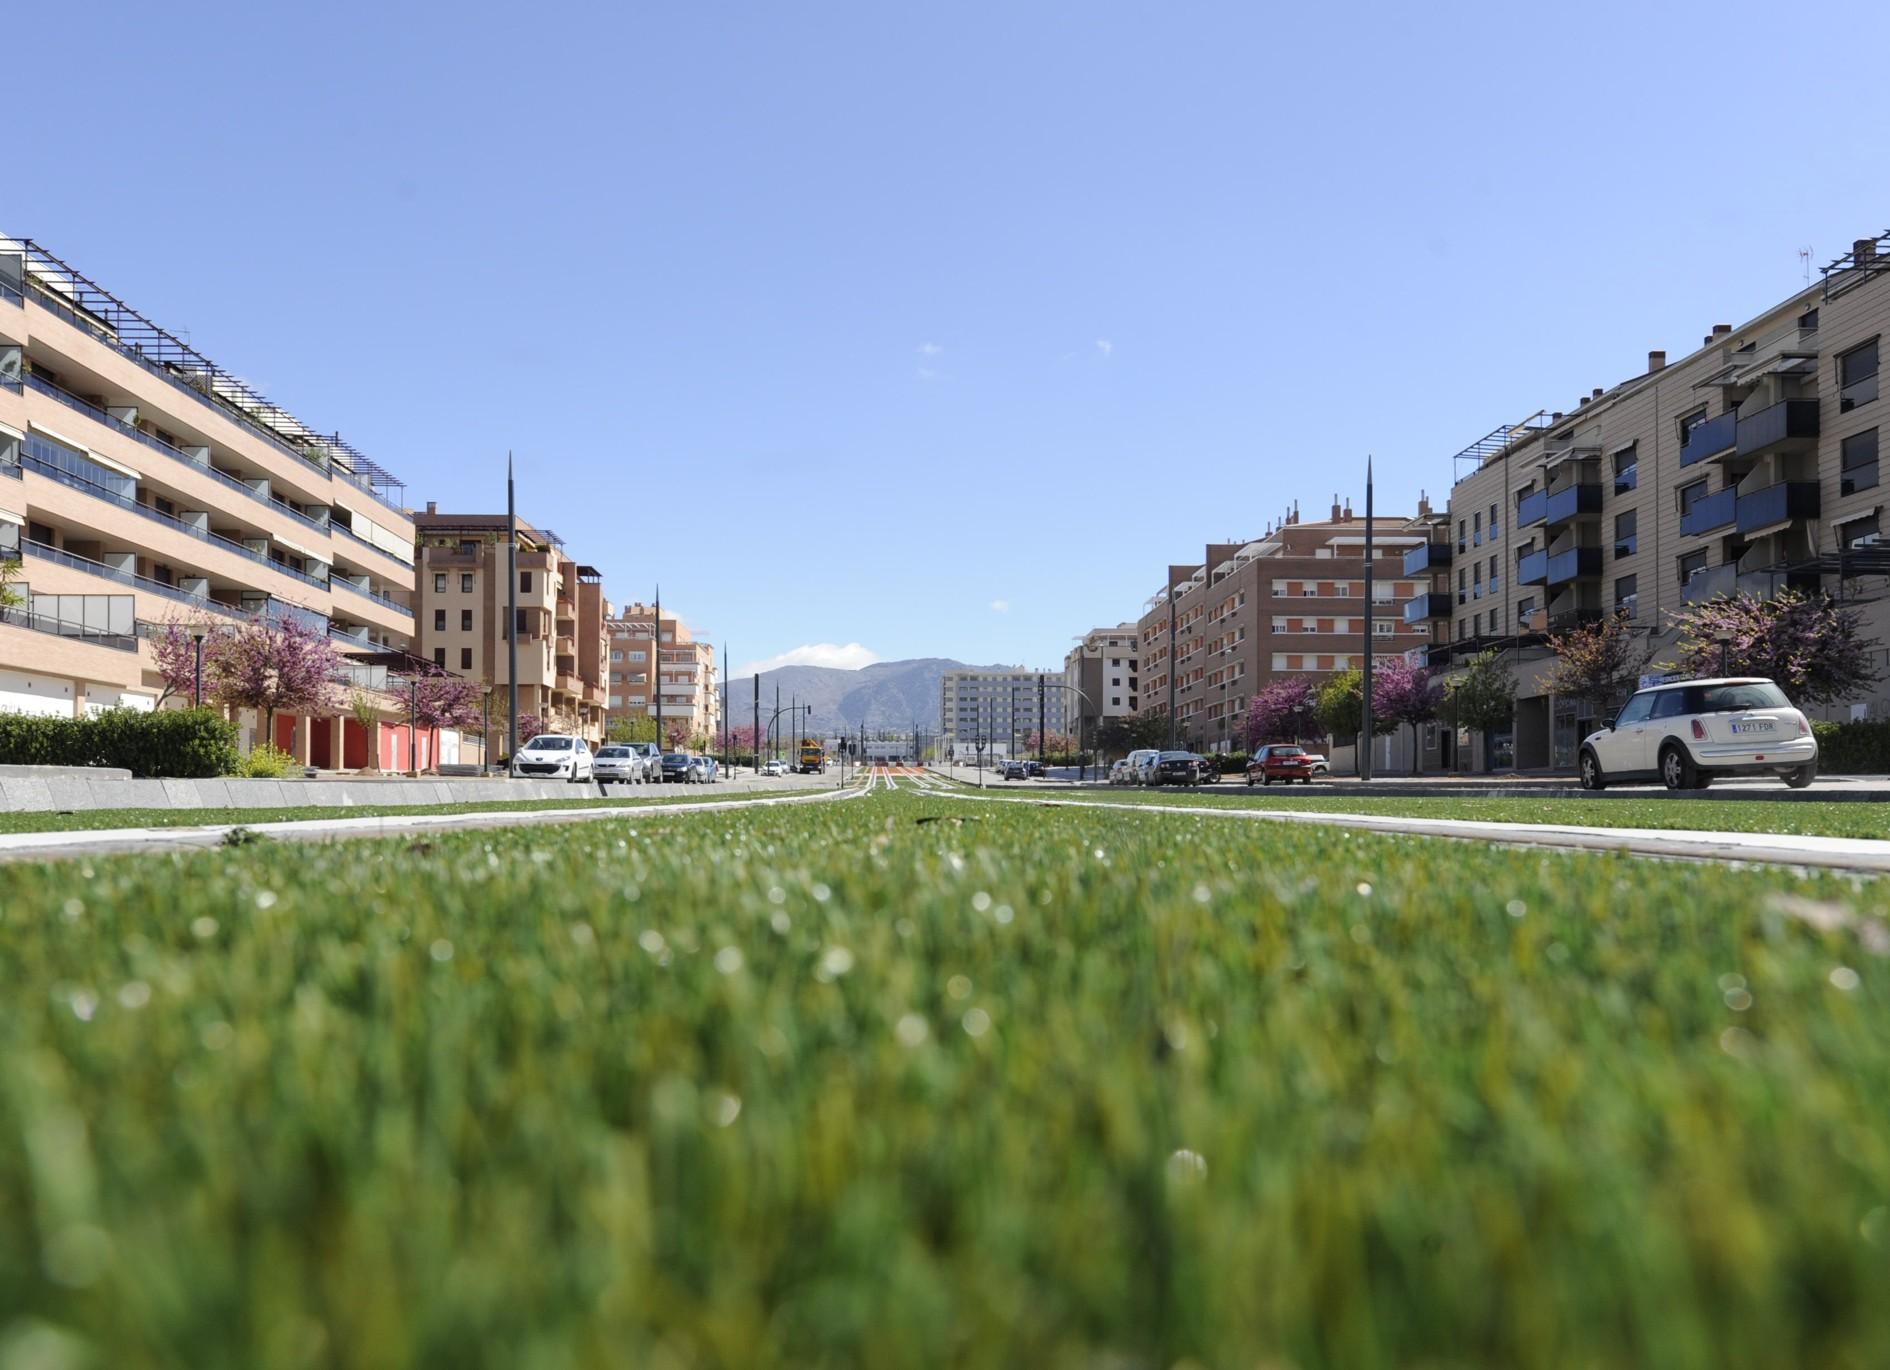 El Metro de Granada acomete una reurbanización integral, de fachada a fachada, mejorando el aspecto urbano del viario público por el que discurre su trazado.